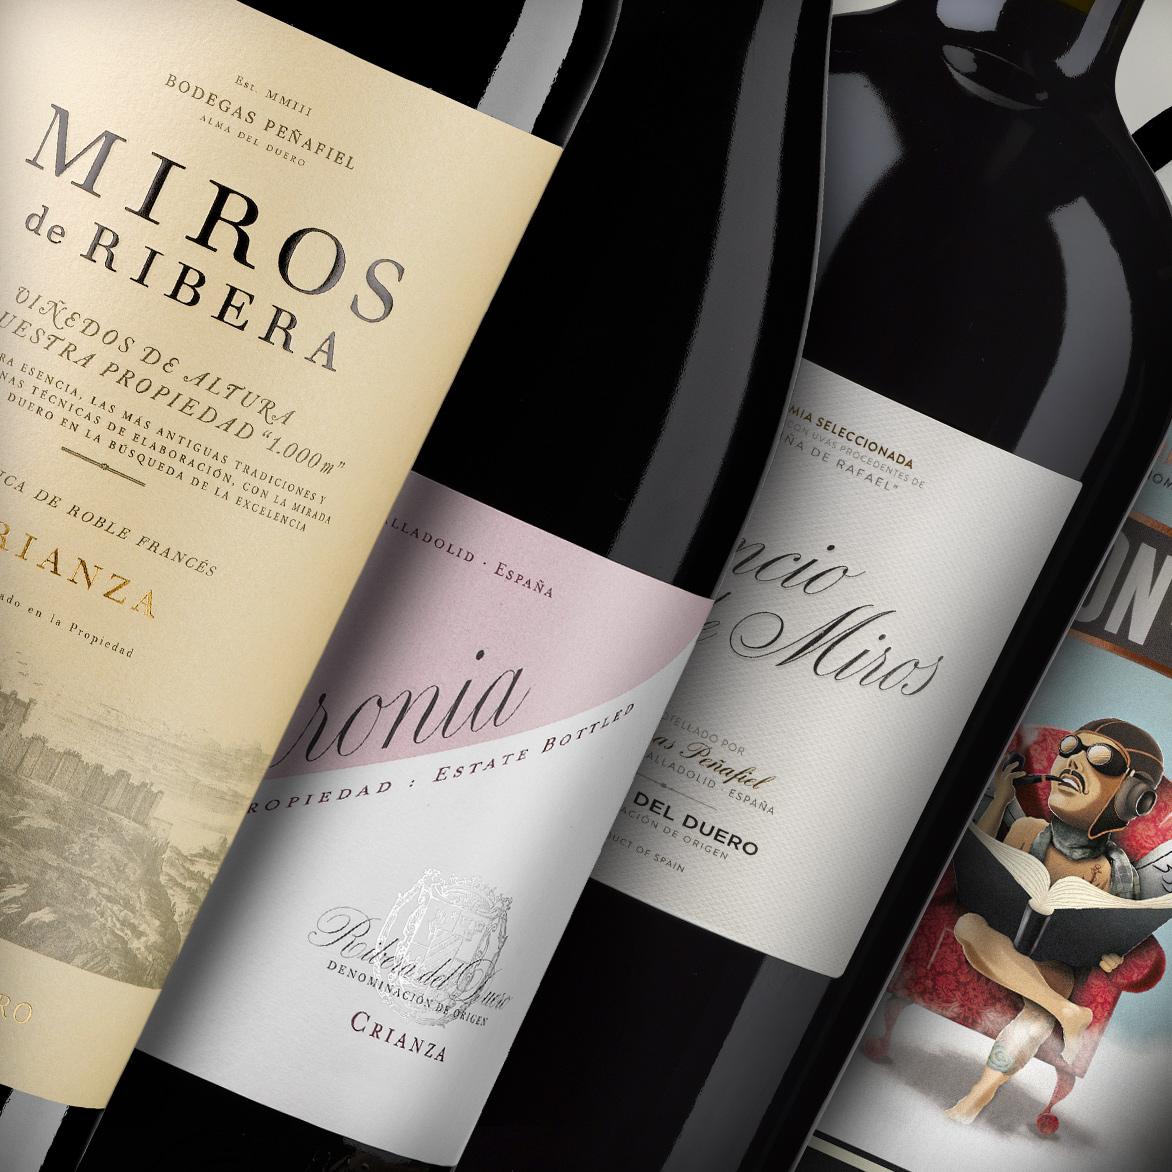 Familia vinos Peñafiel